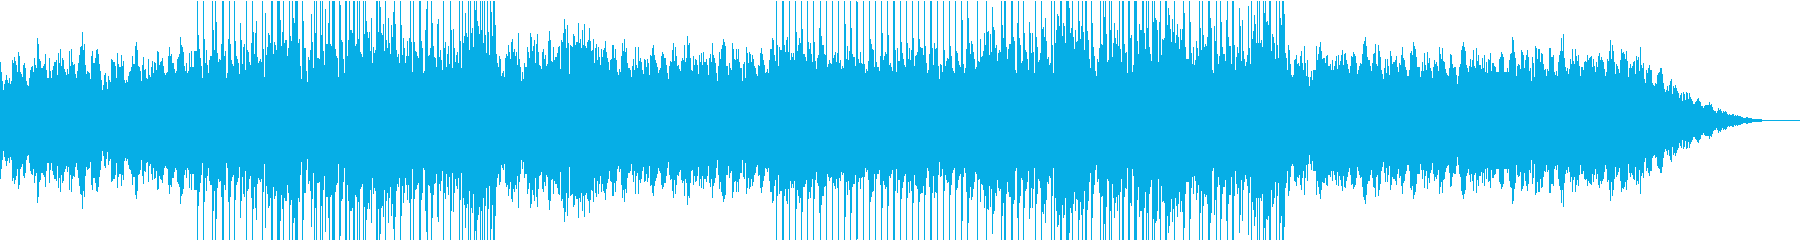 きらきらと流れるようなピアノ旋律の再生済みの波形